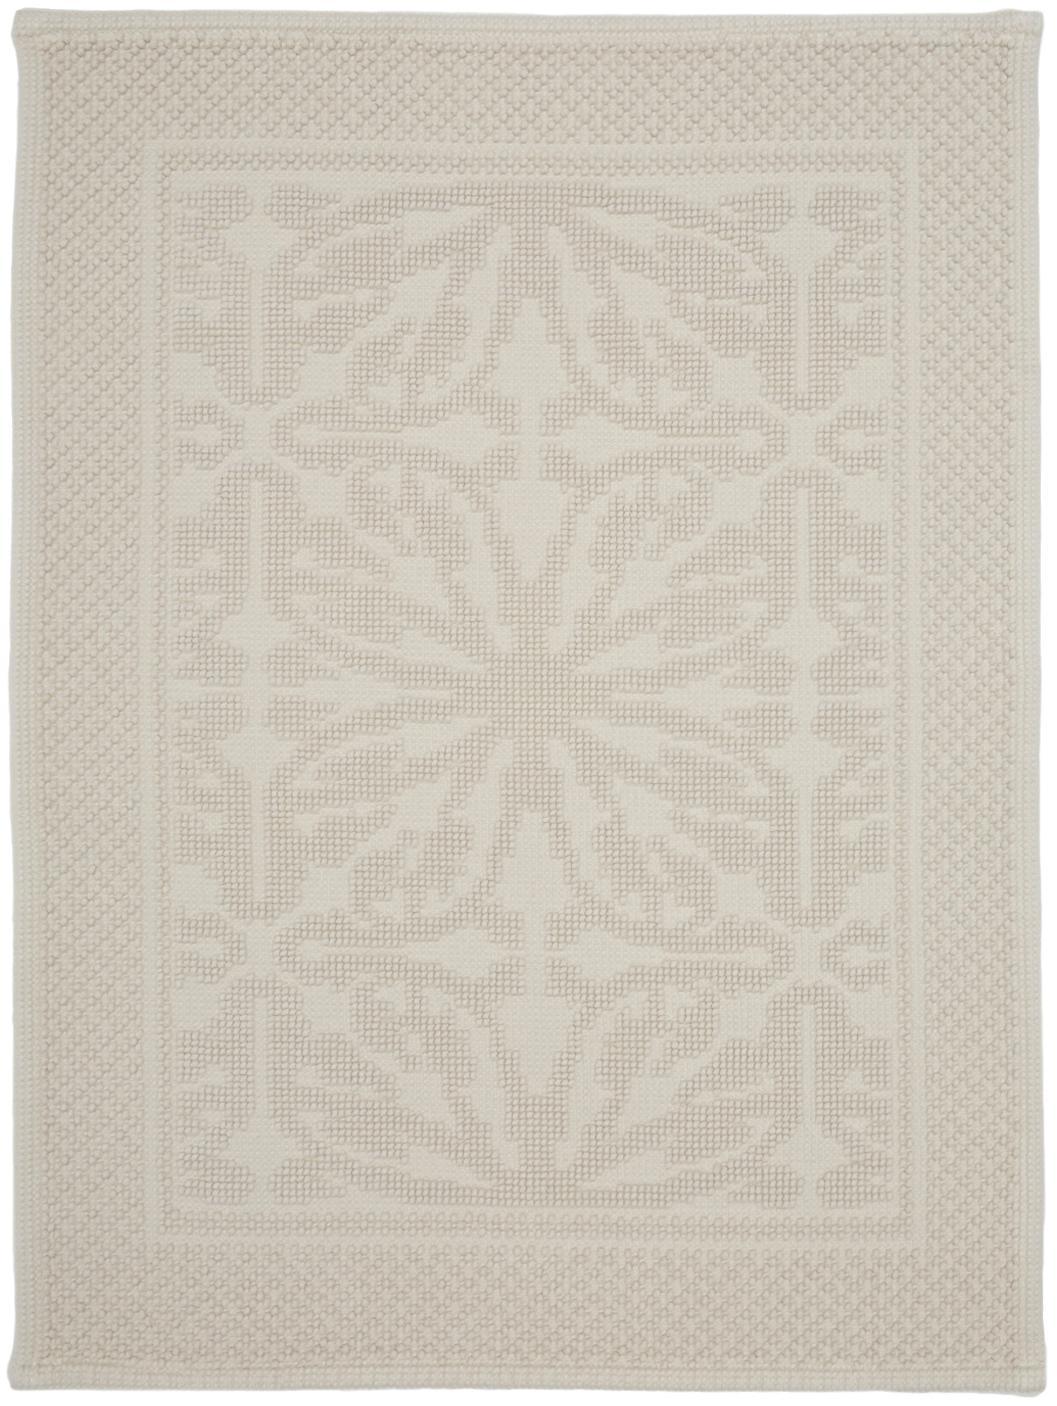 Badvorleger Hammam mit Hoch-Tief-Muster, 100% Baumwolle, schwere Qualität, 1700 g/m², Gebrochenes Weiß, 60 x 80 cm